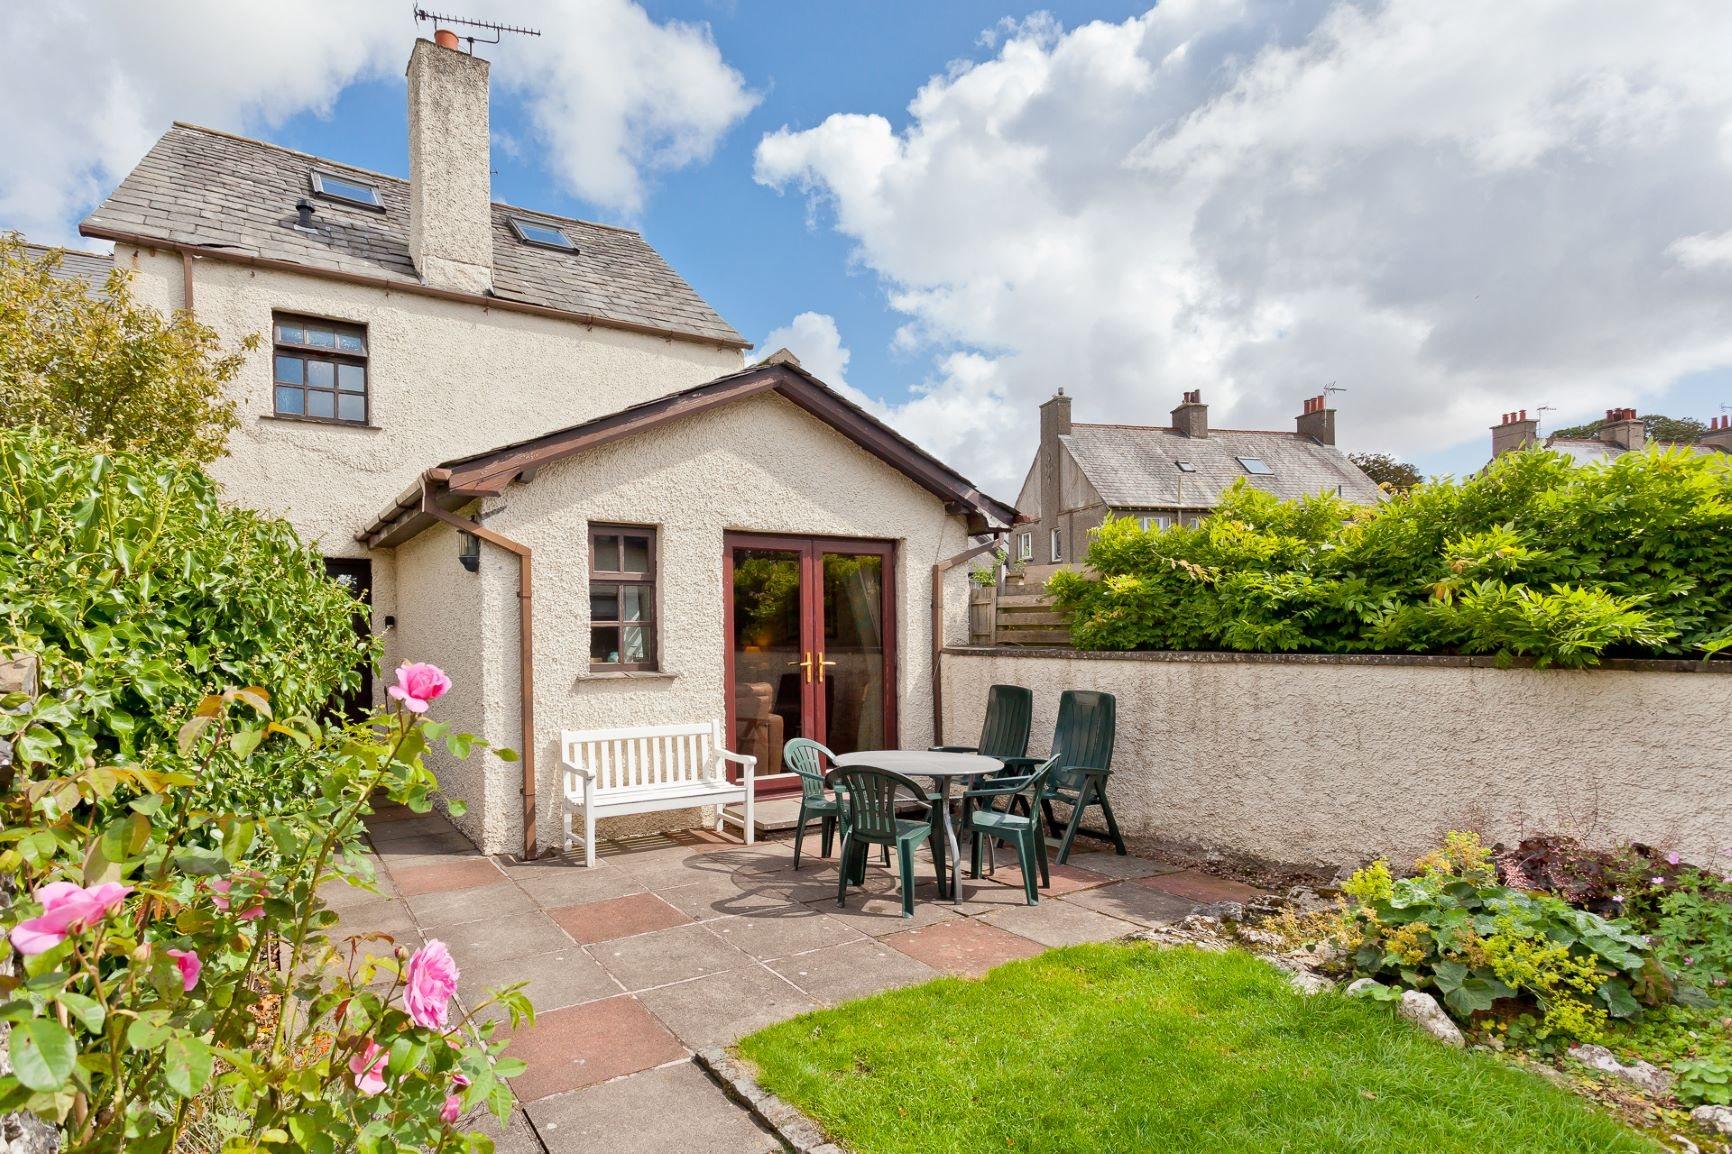 Bridgelands Cottage, summer 2019